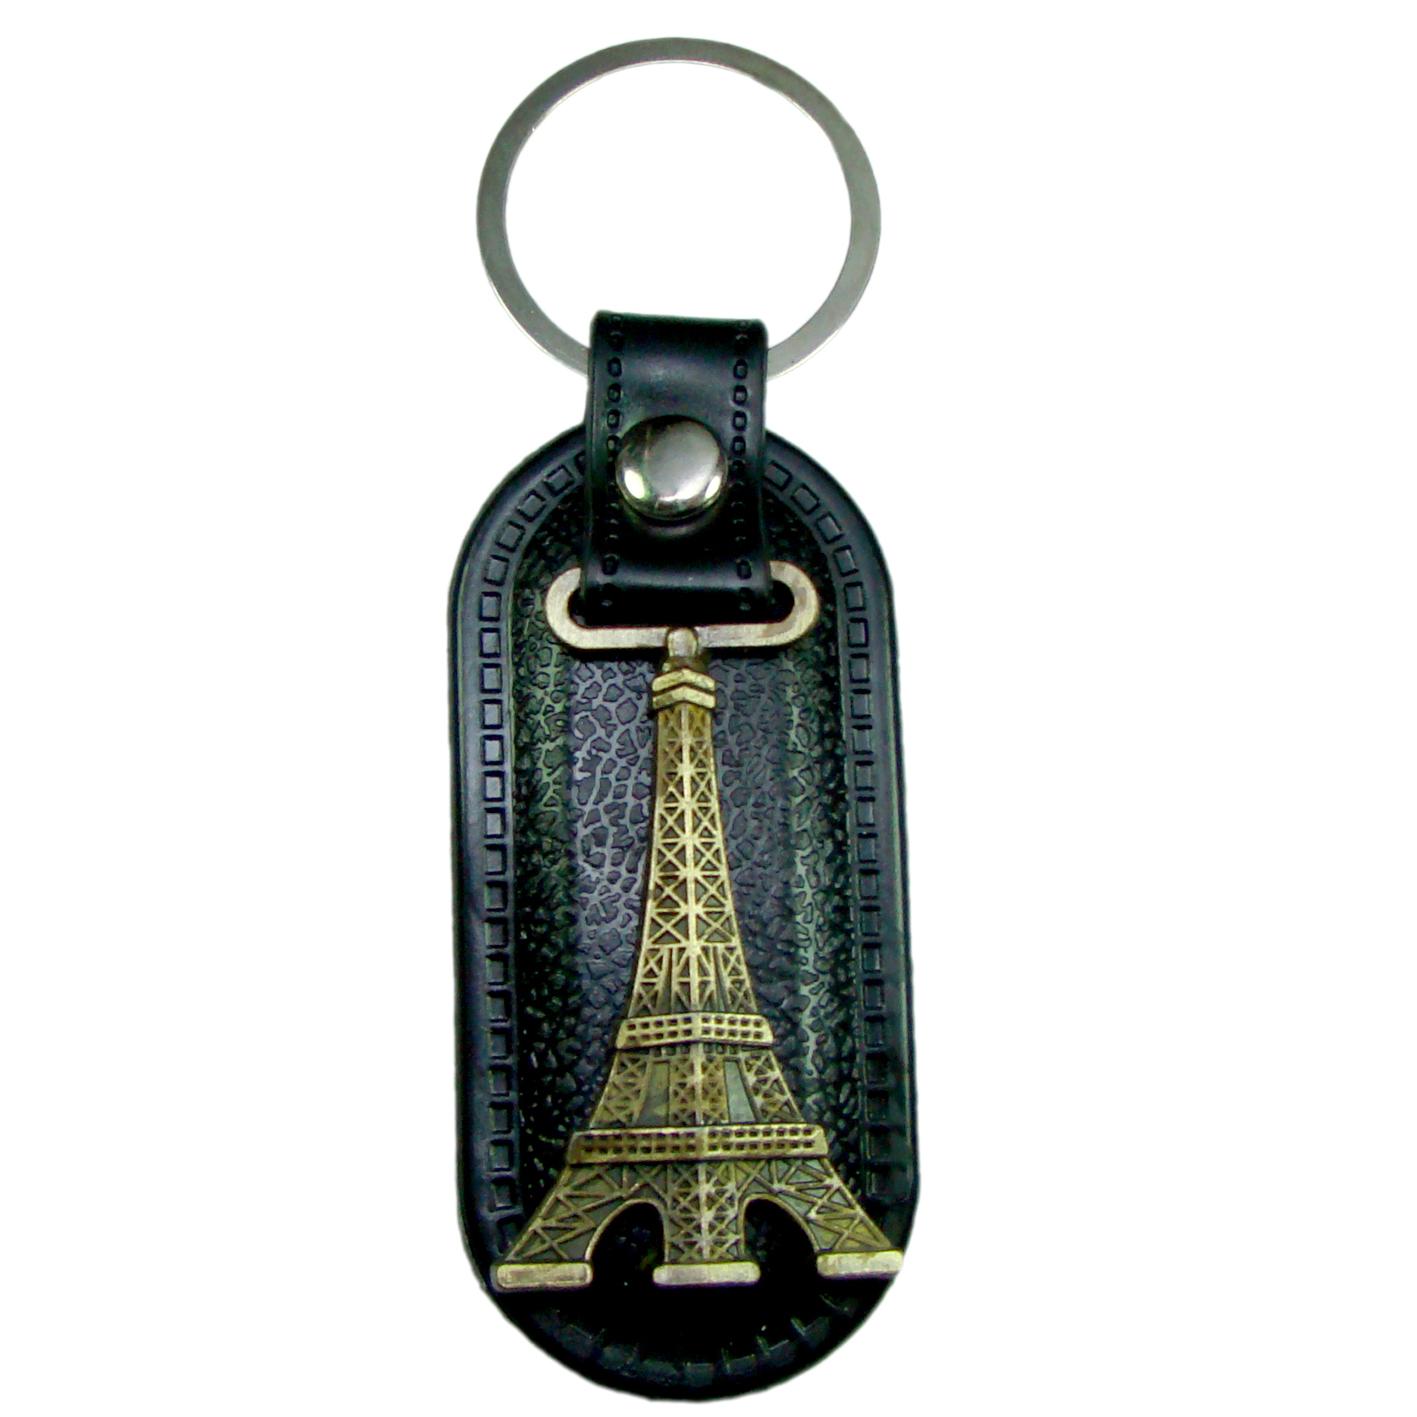 قیمت جا کلیدی طرح برج ایفل مدل 101